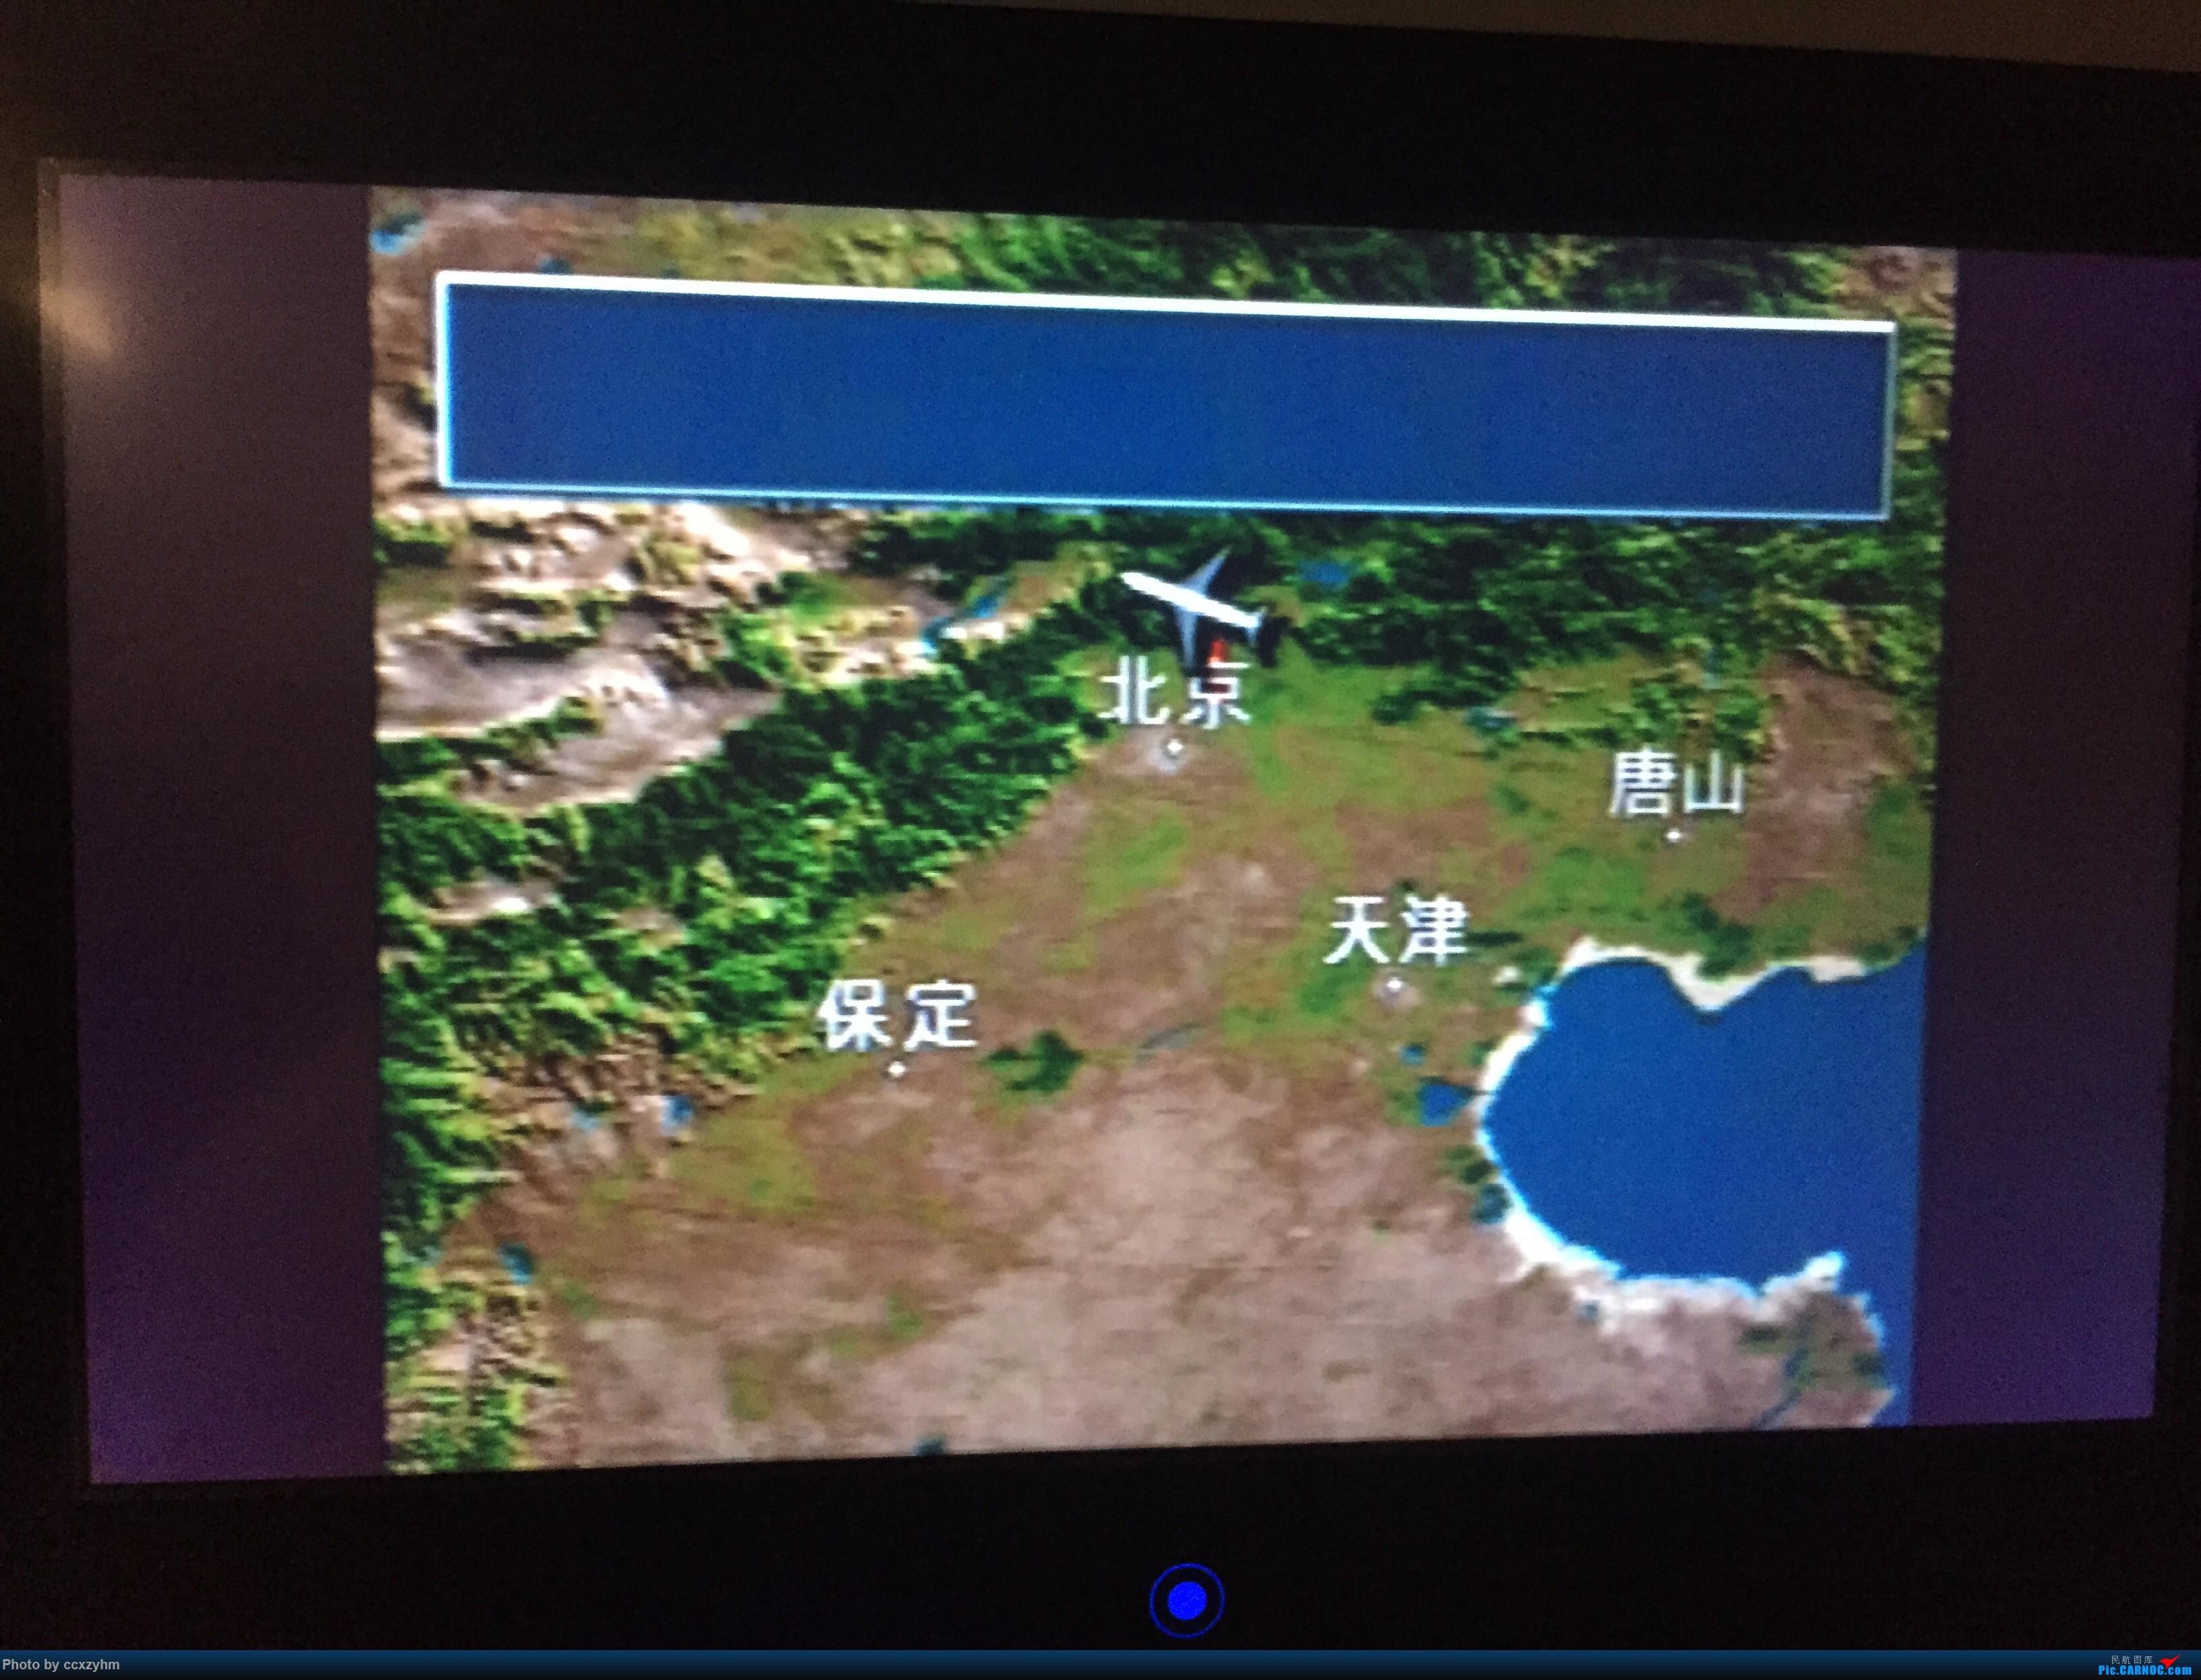 Re:[原创]PEK-HKG-SIN 港龙+国泰 KA+CX 暑假游坡县 333  北京上空